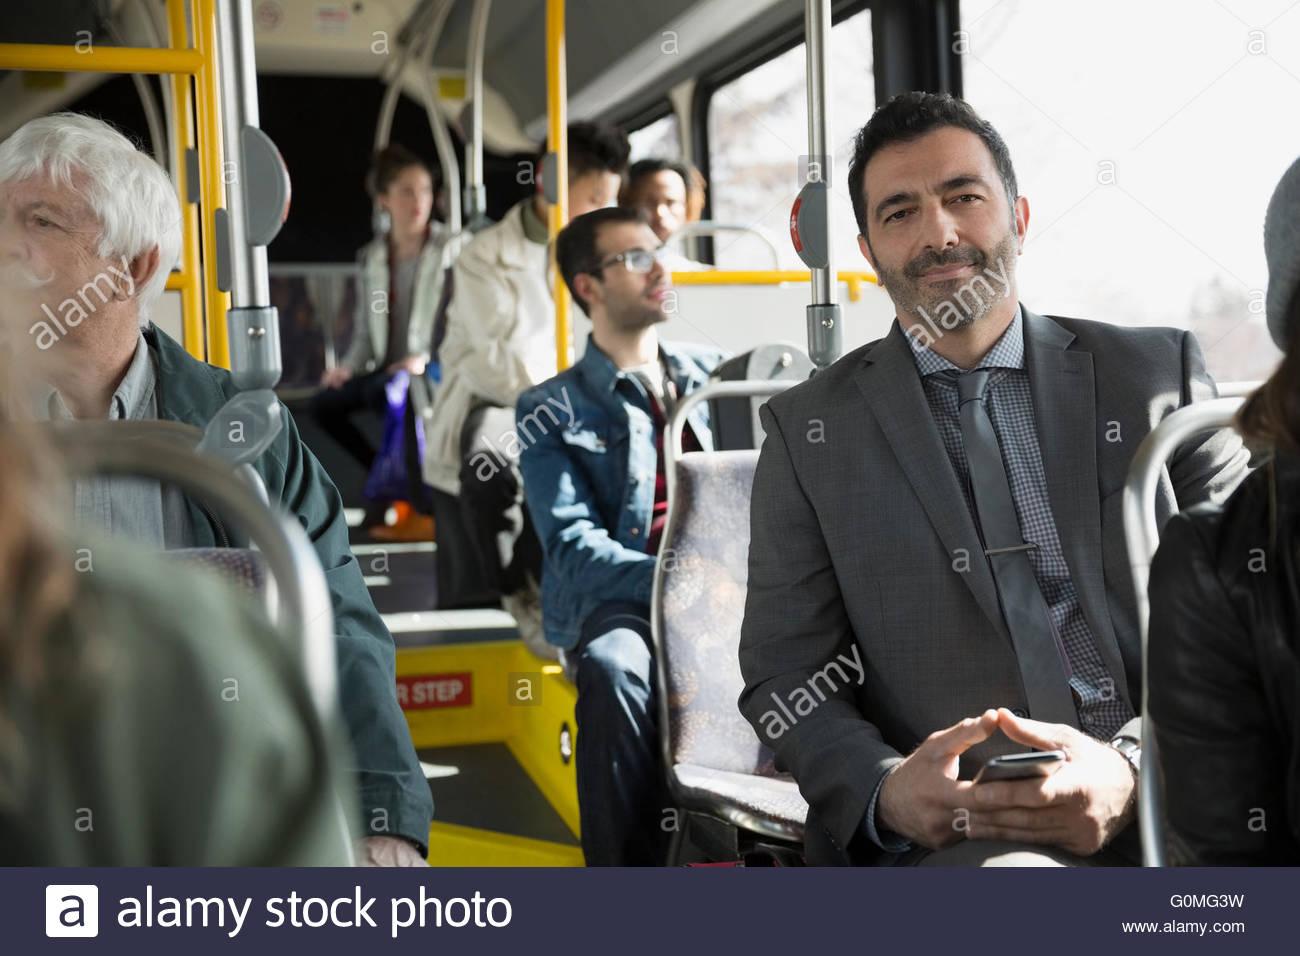 Portrait confident businessman riding bus - Stock Image